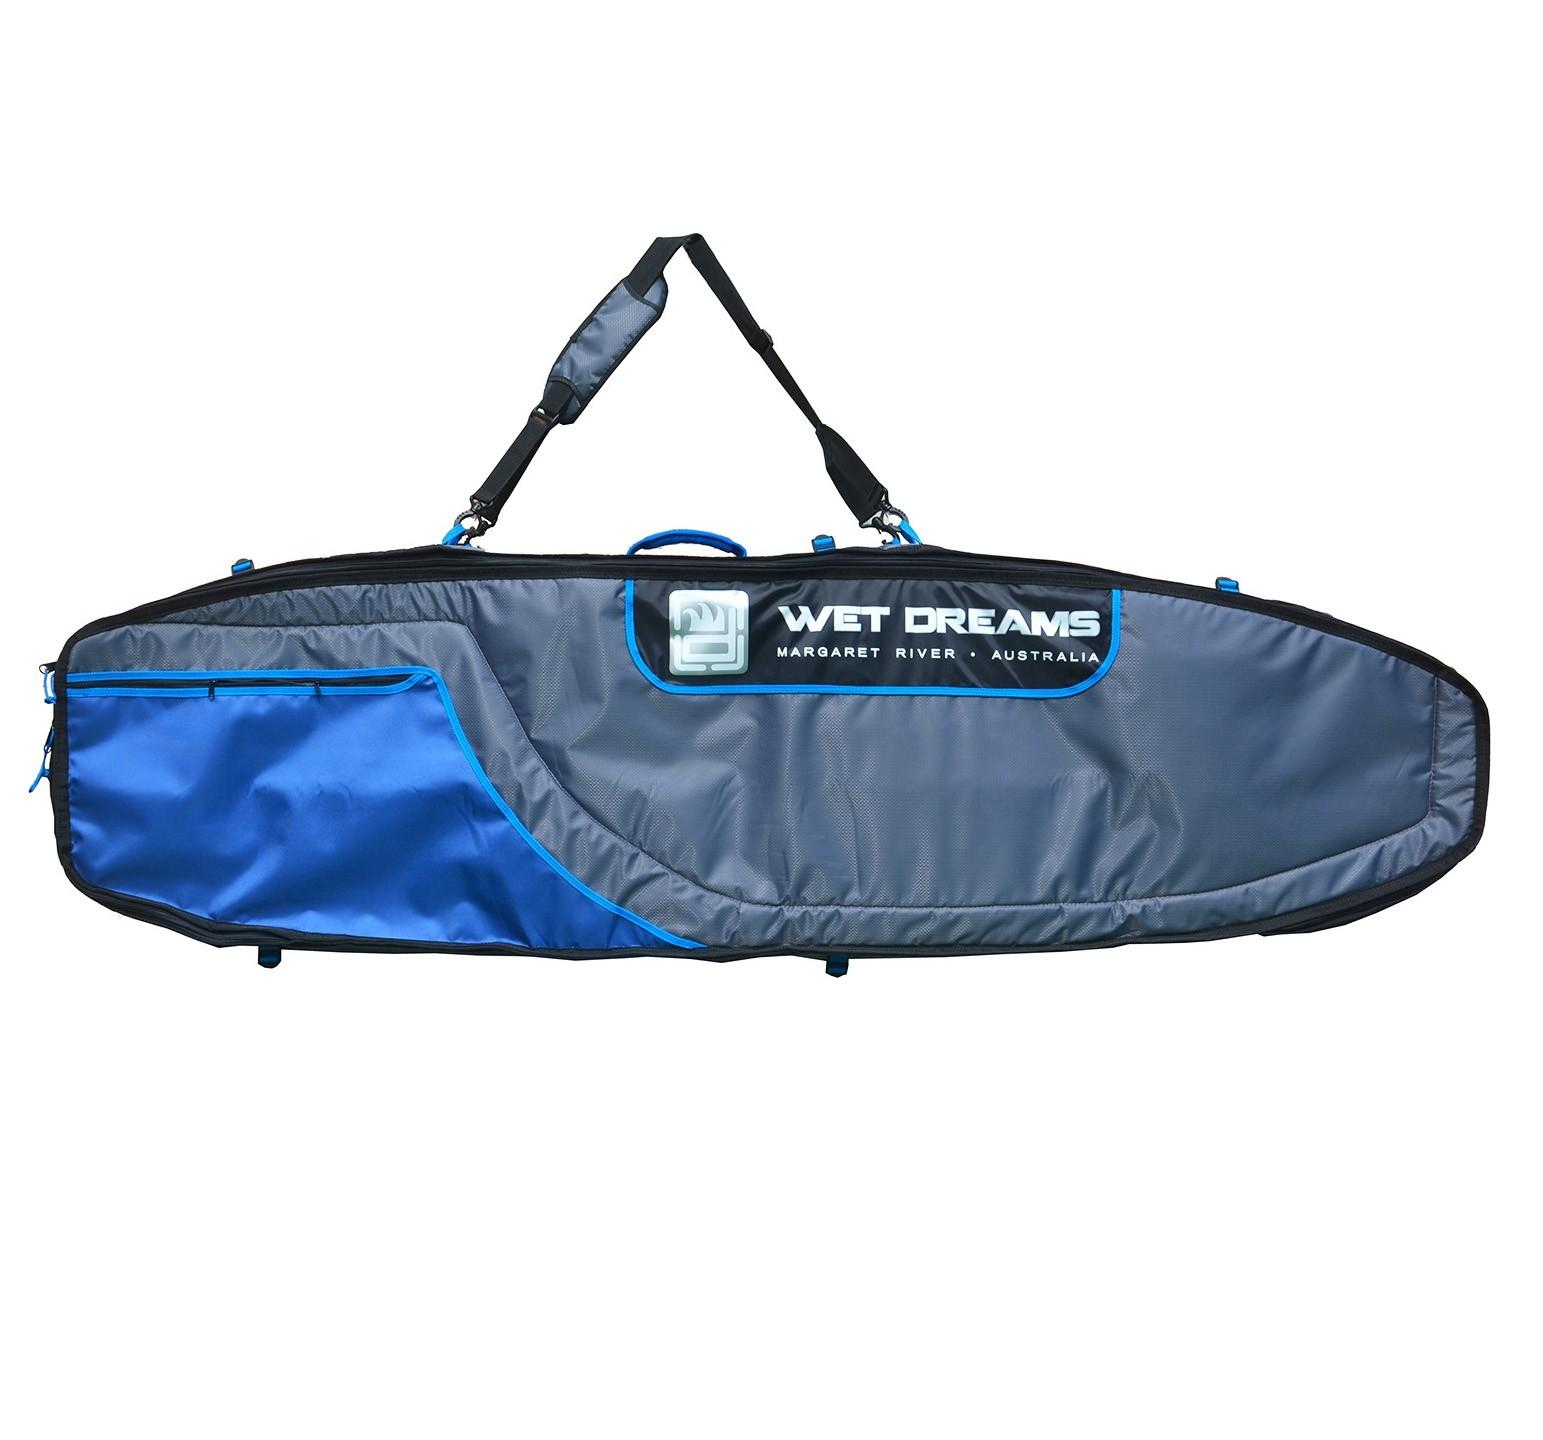 Sarcófago para 4 pranchas de Surf 7'0'' - 2,13m - Wet Dreams   Prancharia